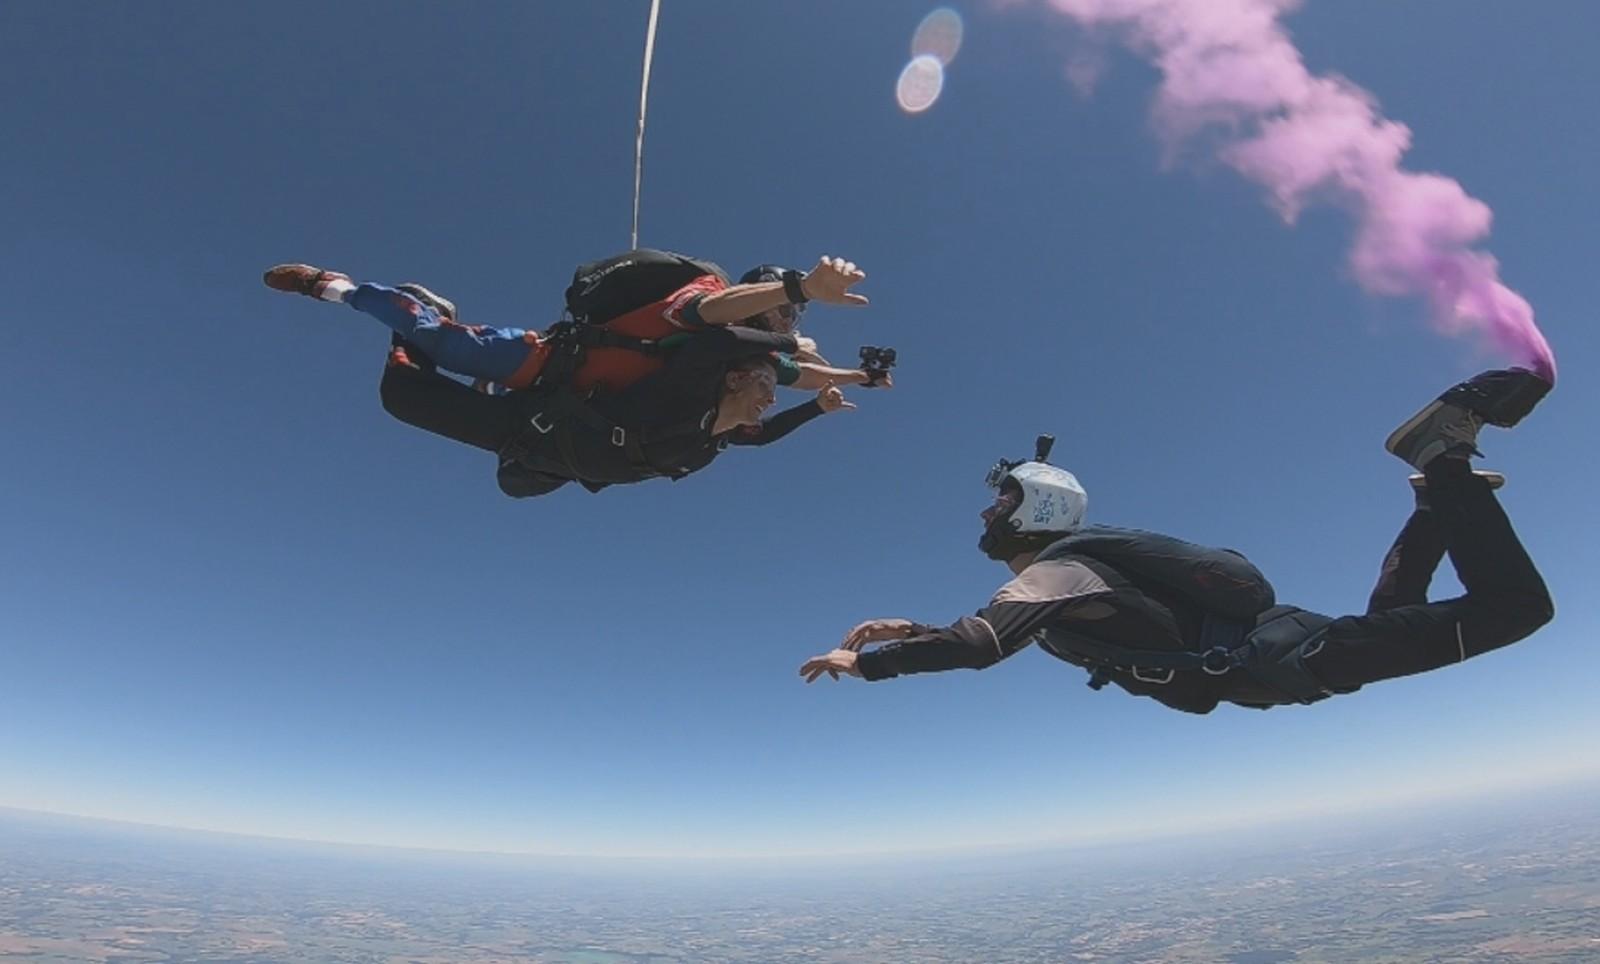 Casal revela sexo do bebê durante salto de paraquedas em Boituva (Foto: Reprodução/TV TEM)